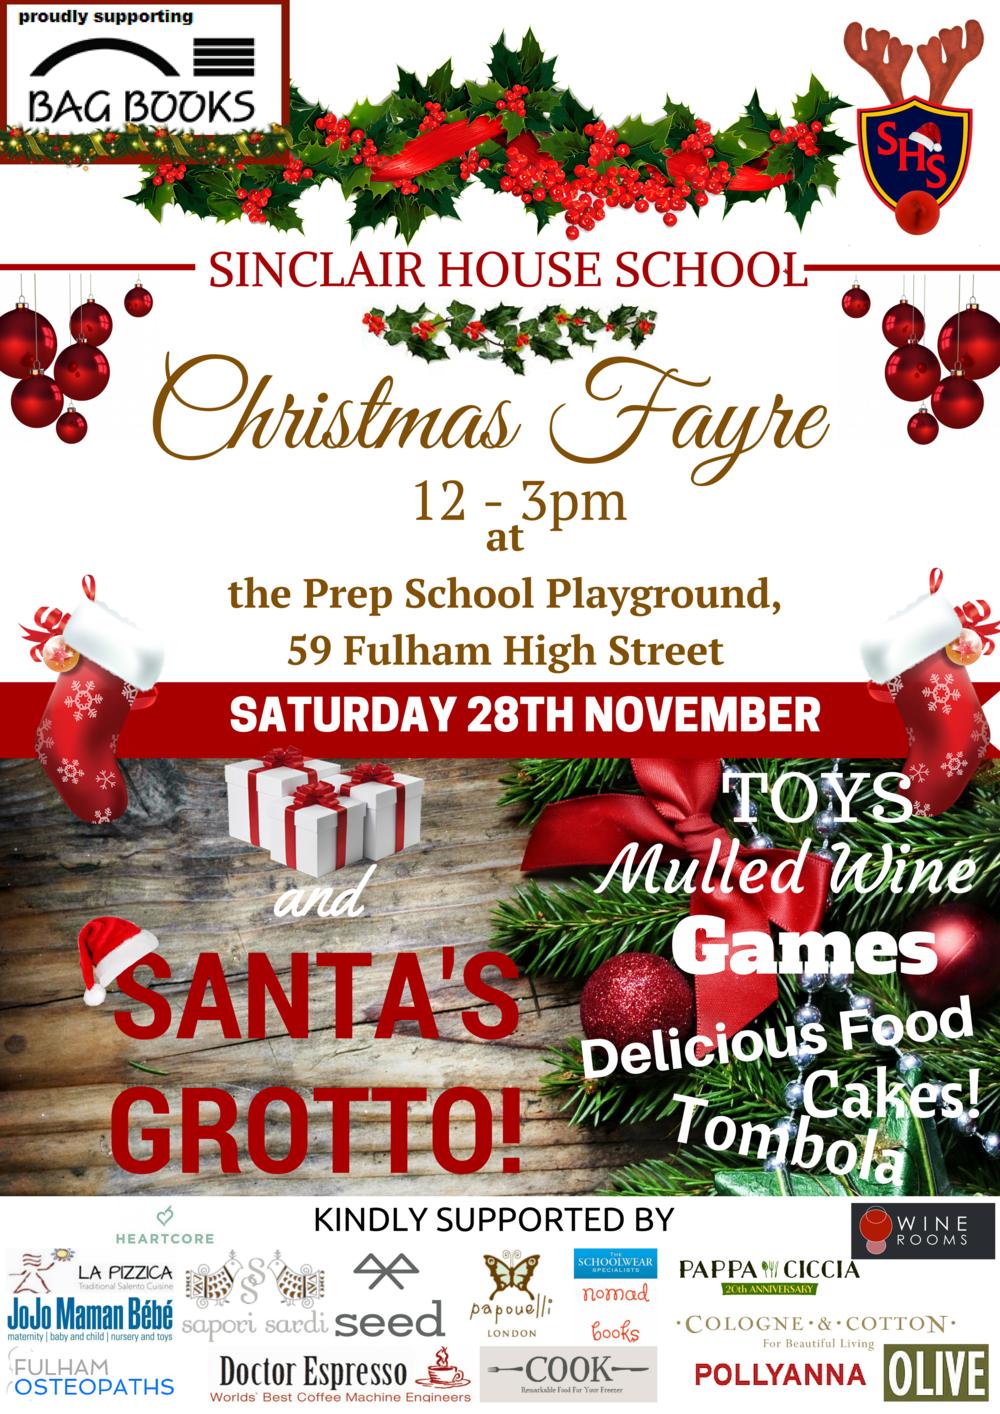 sinclair house school annual christmas fair - Christmas Pollyanna